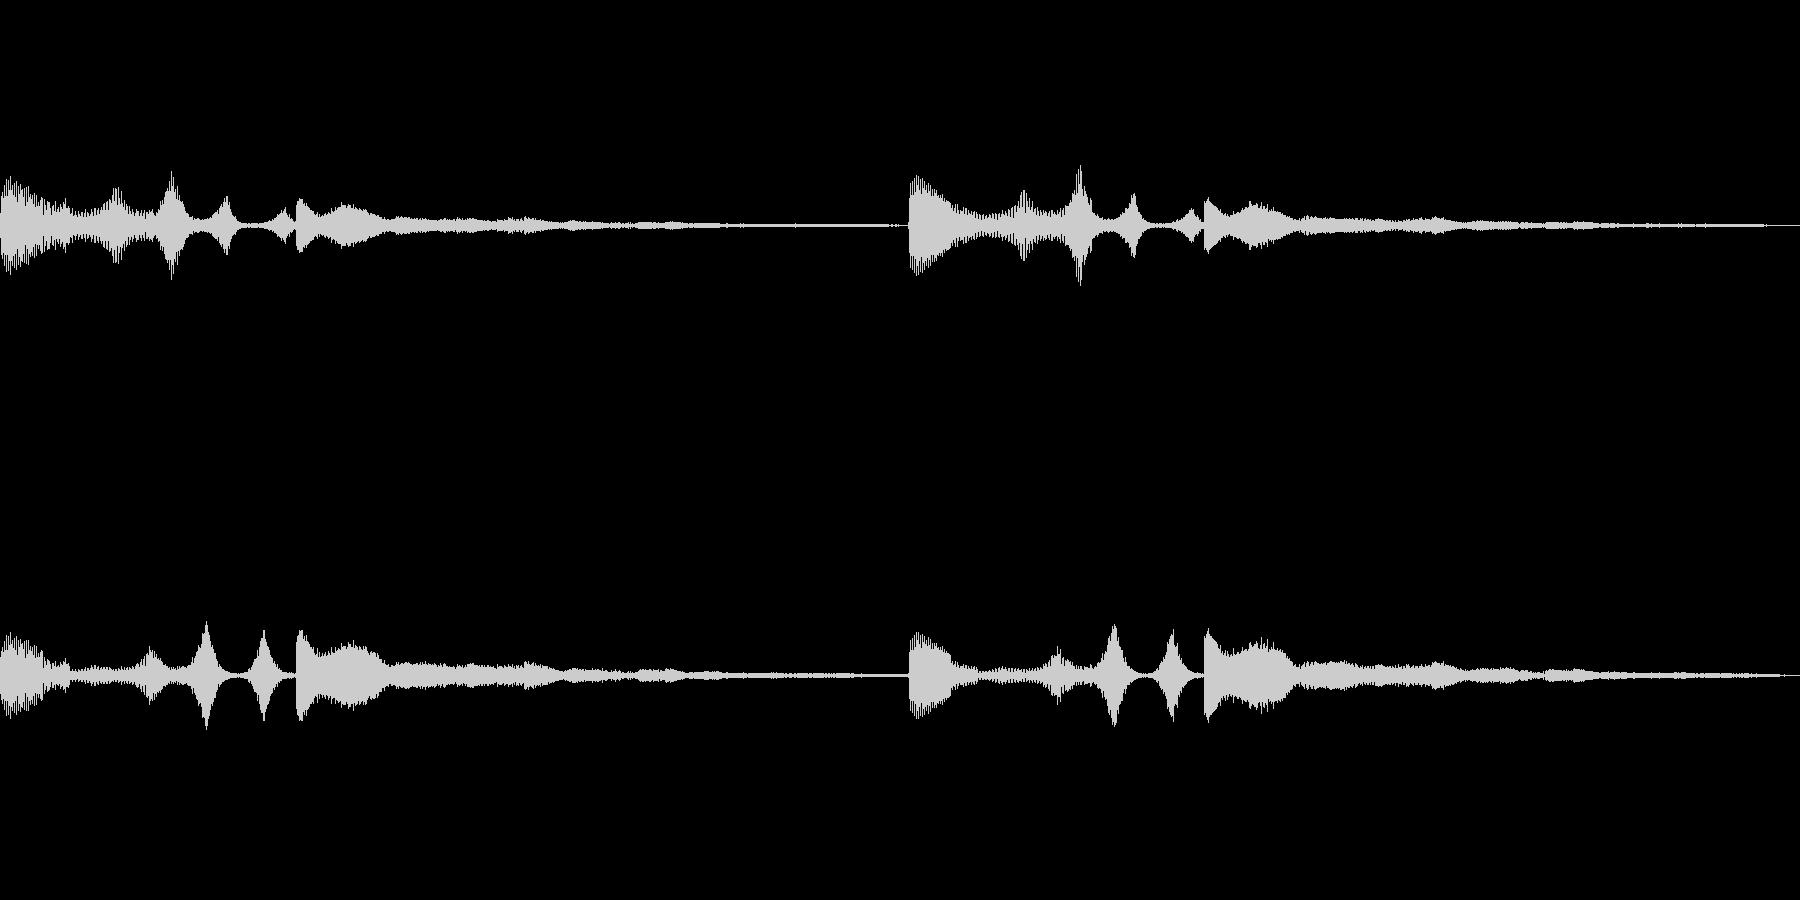 シャラララ…シャラ 謎の通信音 (SF)の未再生の波形